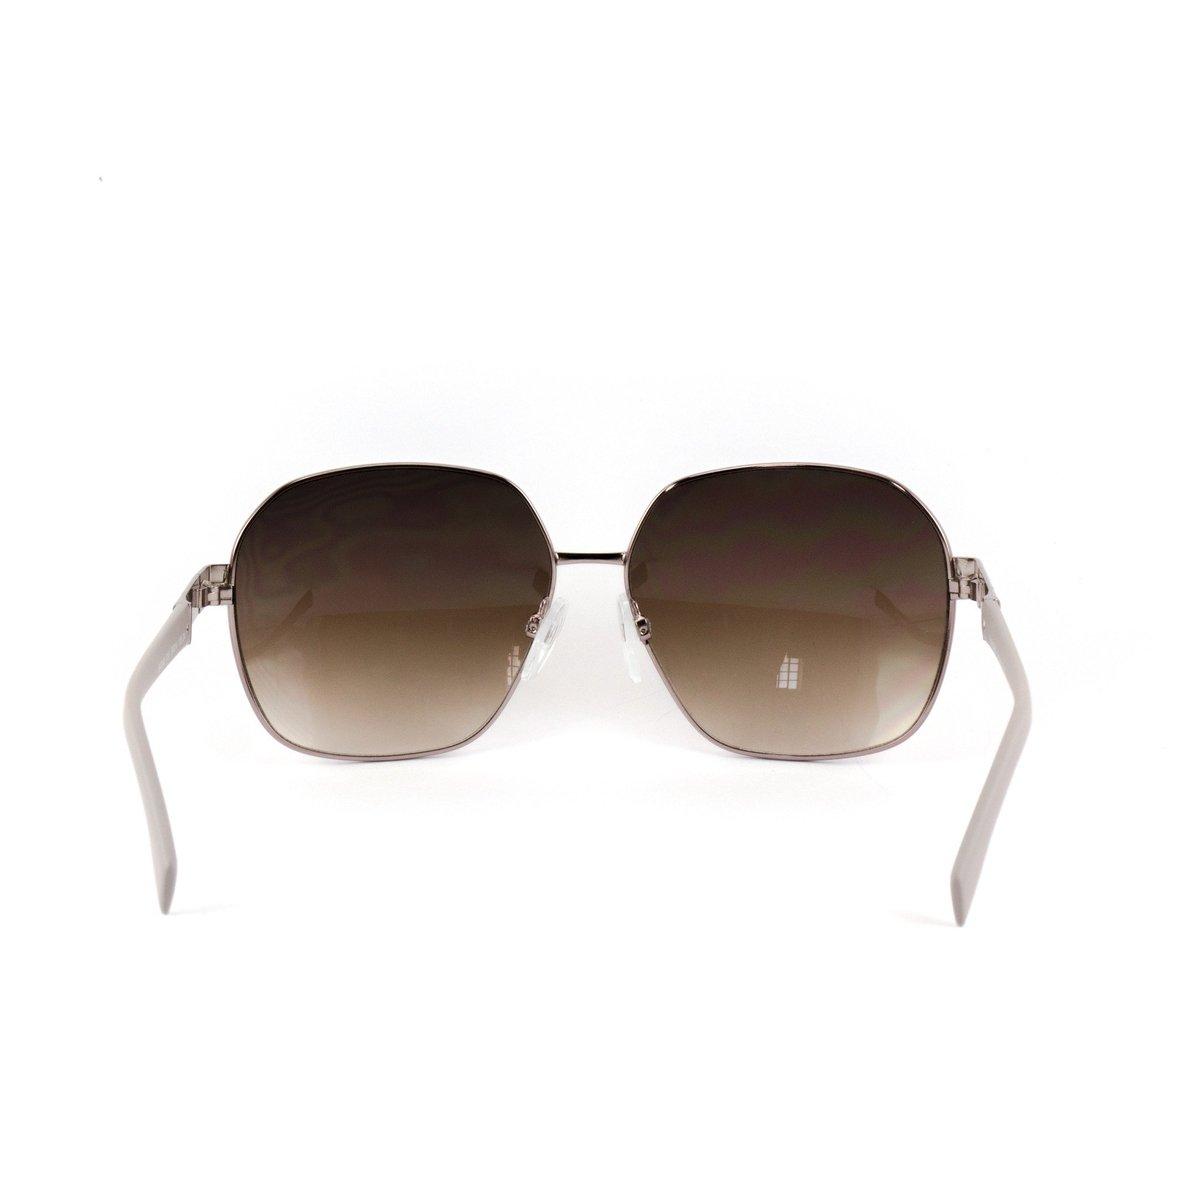 c7e6d07e9e0eb Óculos Bulget De Sol - Marrom - Compre Agora   Netshoes